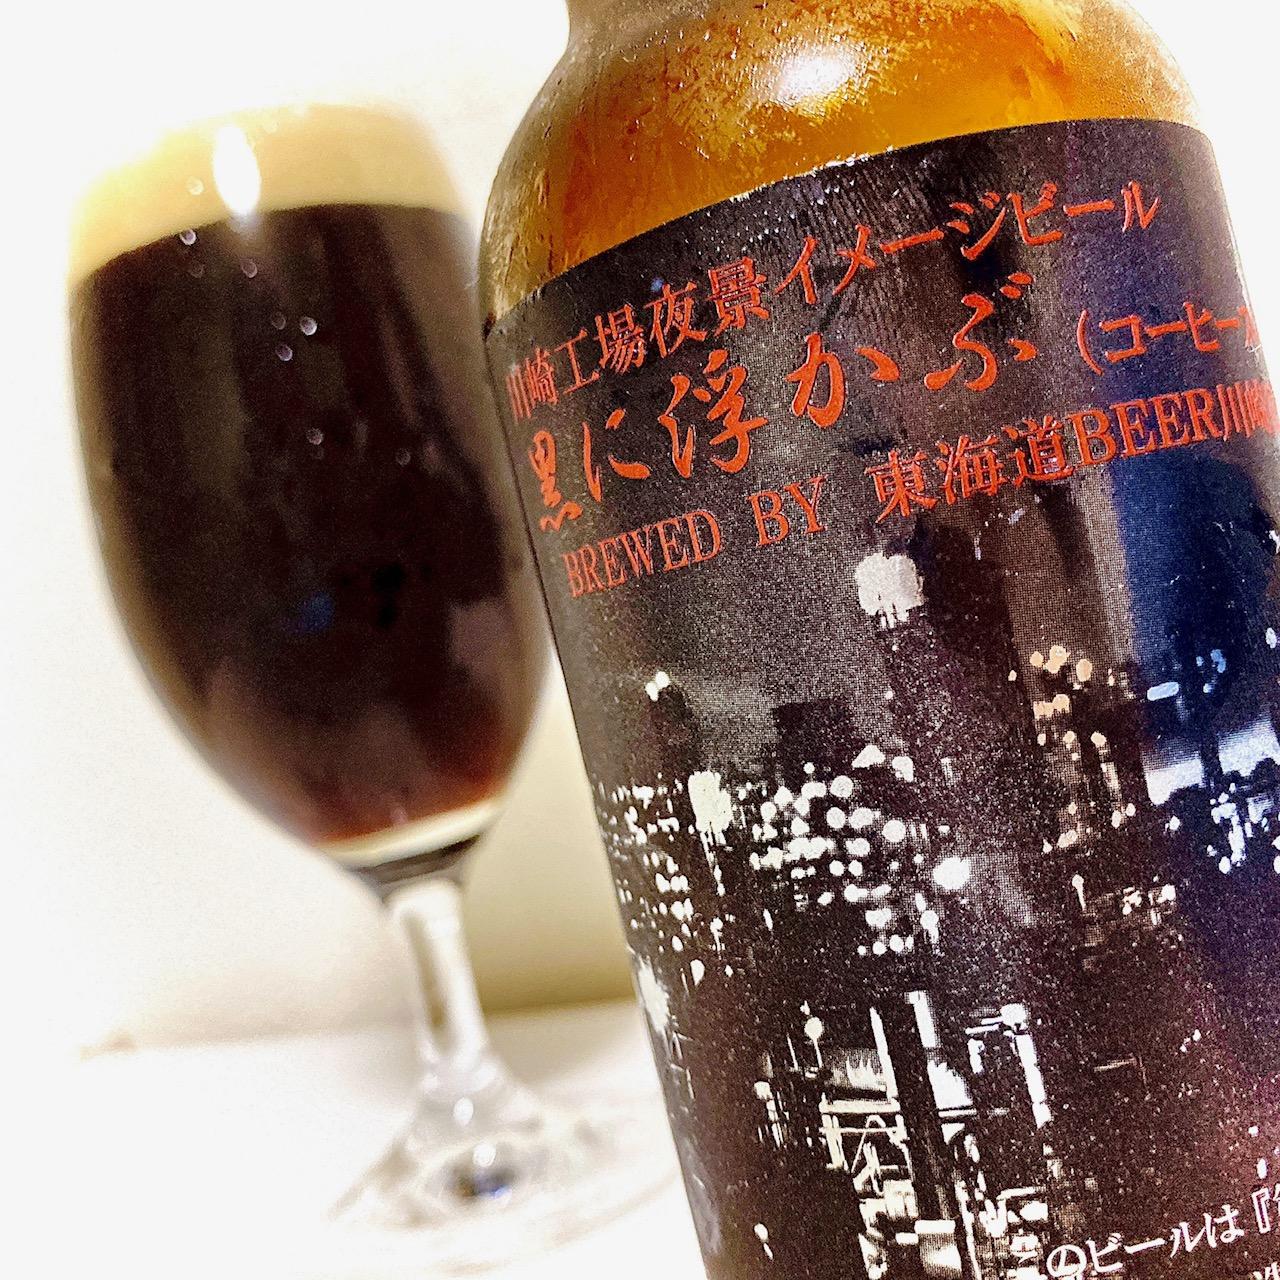 東海道BEER川崎宿工場「川崎工場イメージビール 黒に浮かぶ」